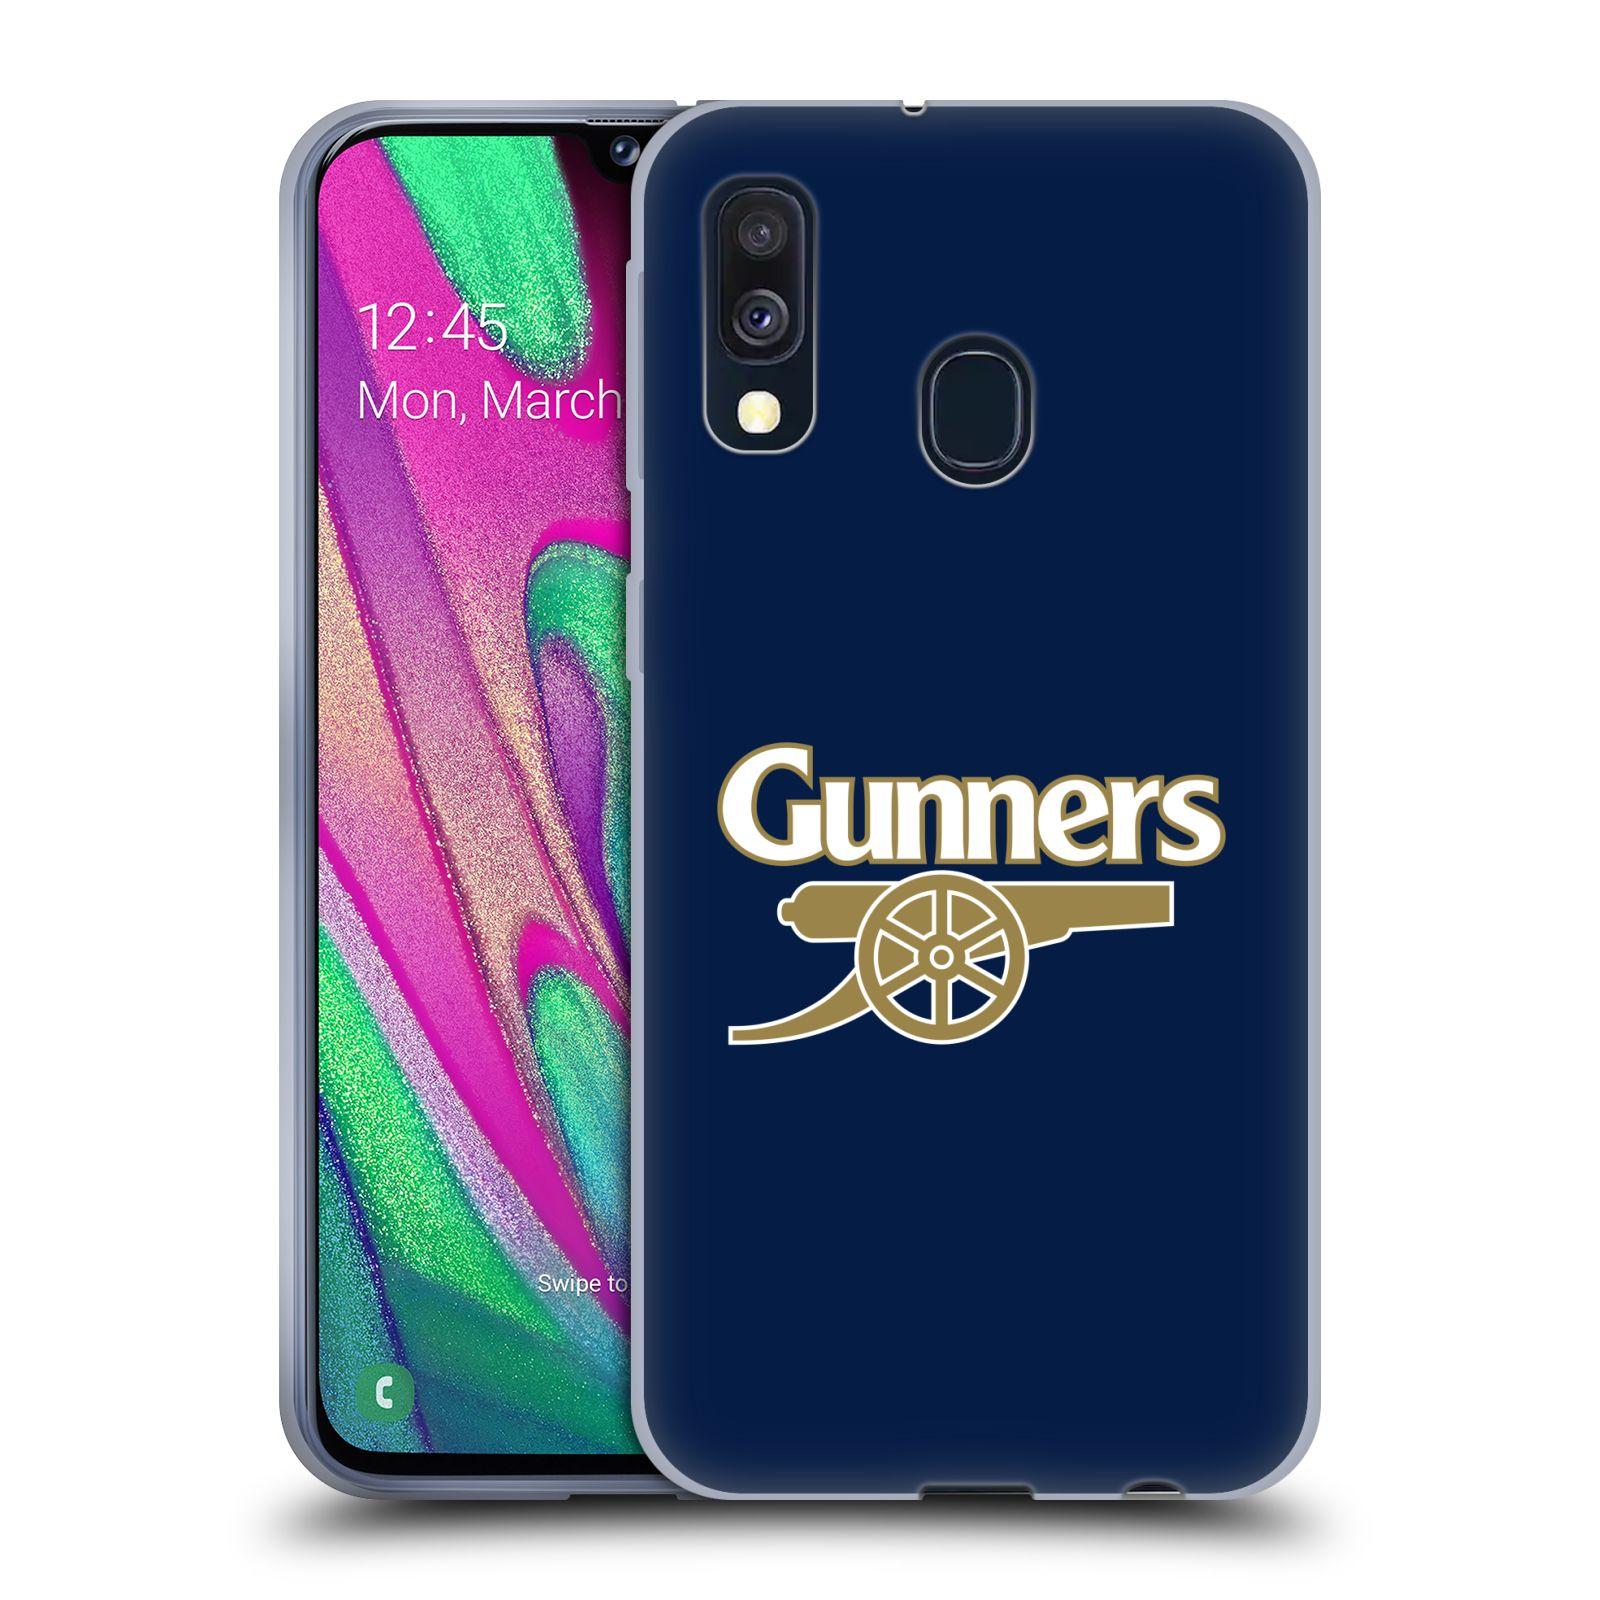 Silikonové pouzdro na mobil Samsung Galaxy A40 - Head Case - Arsenal FC - Gunners